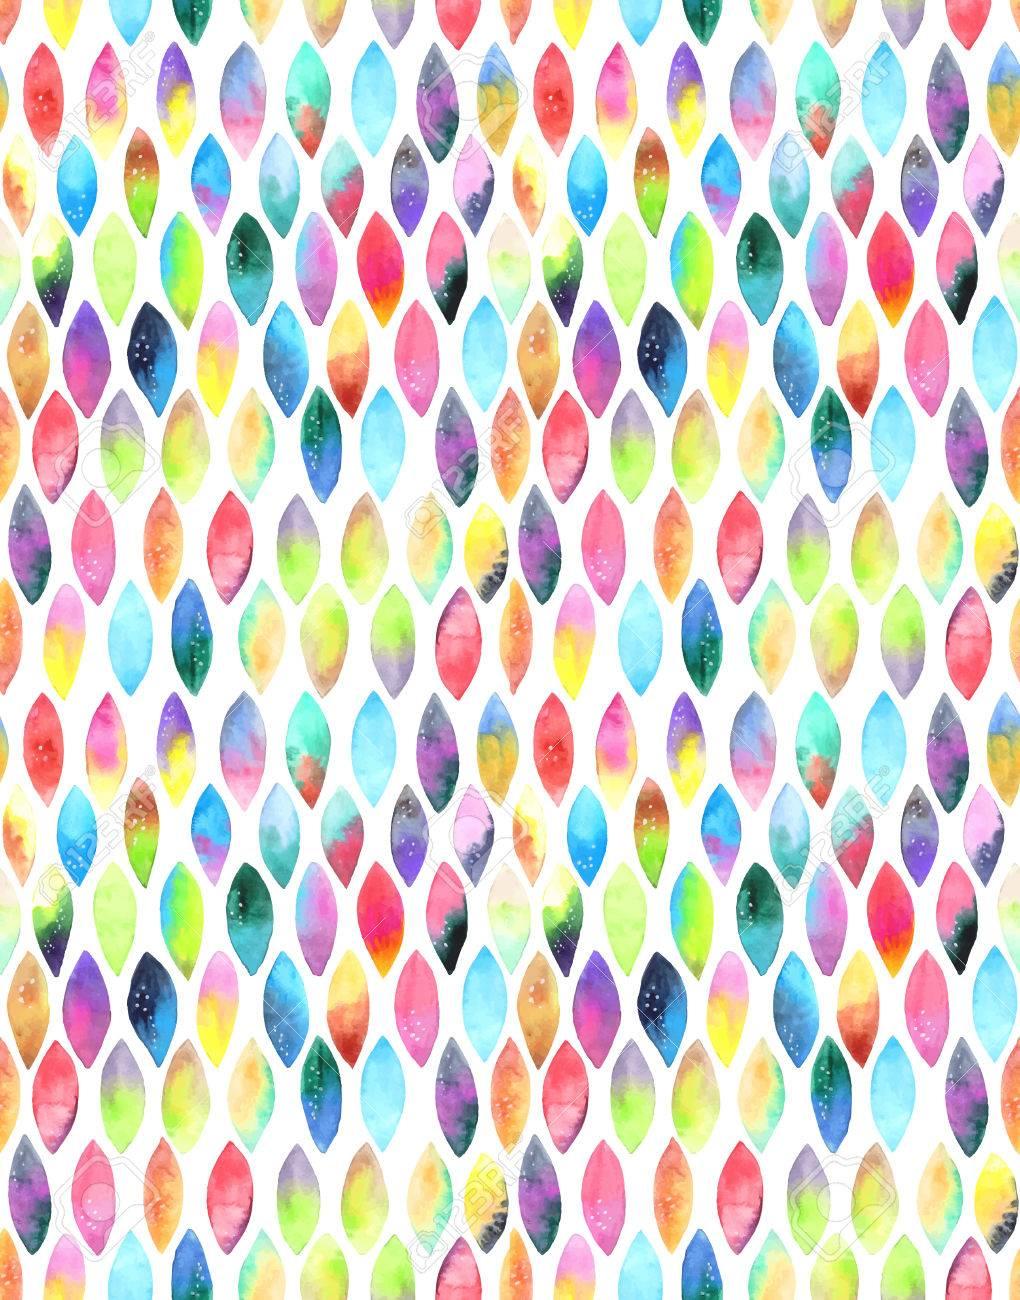 aquarell bunte abstrakte hintergrund. nahtlose muster von farbe